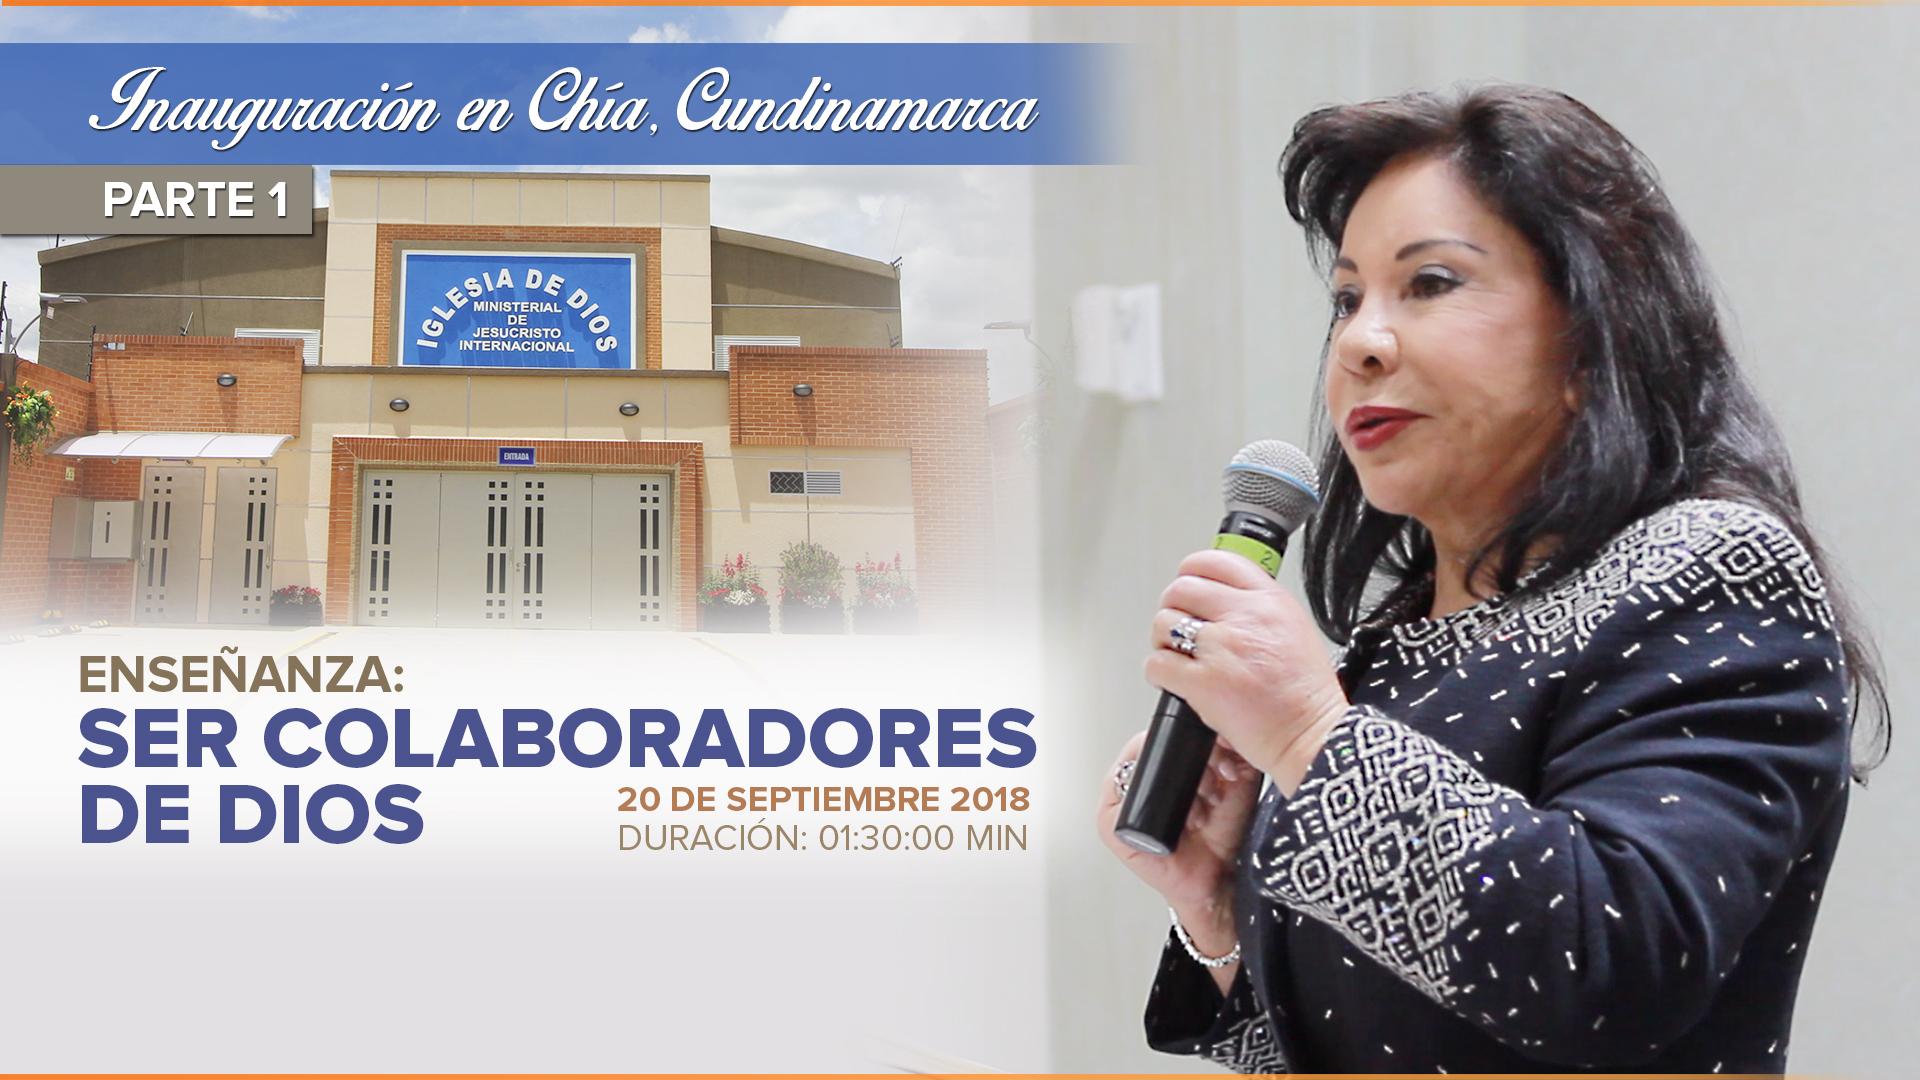 Inauguración en Chía (Parte 1) Ser colaboradores de Dios